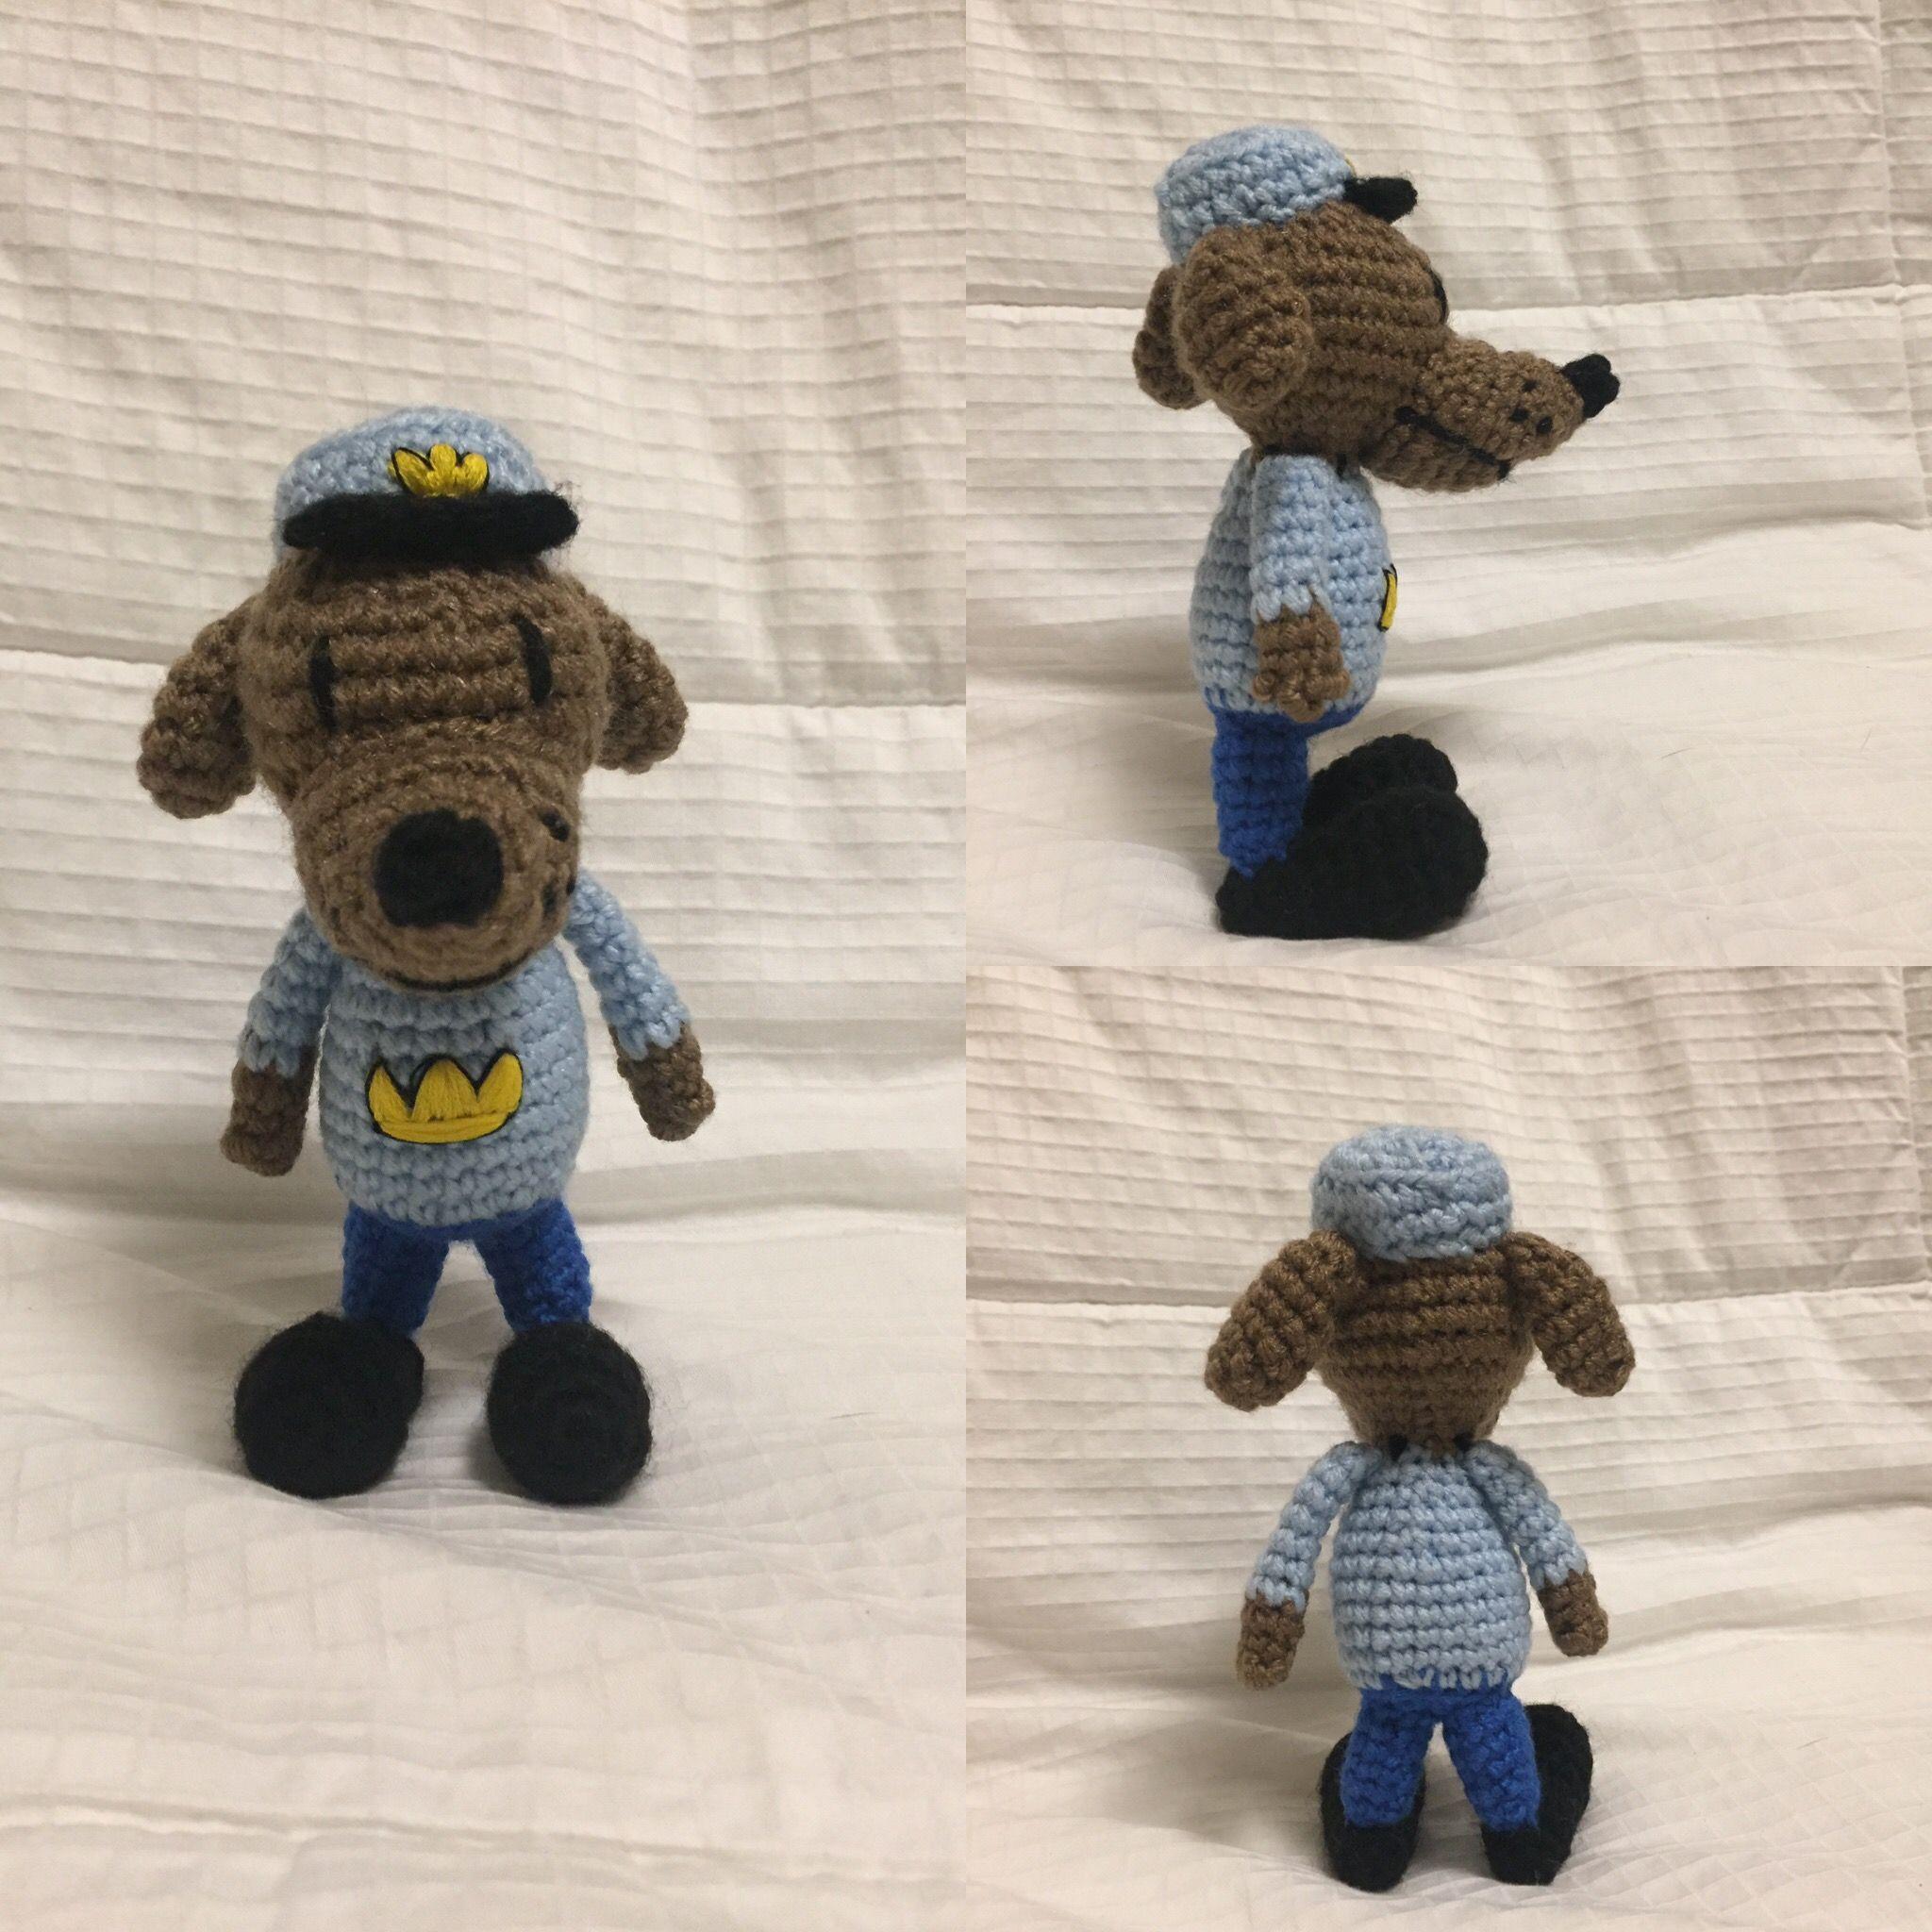 Pin by lias crochet shop on crochet | Pinterest | Crochet, Crochet ...